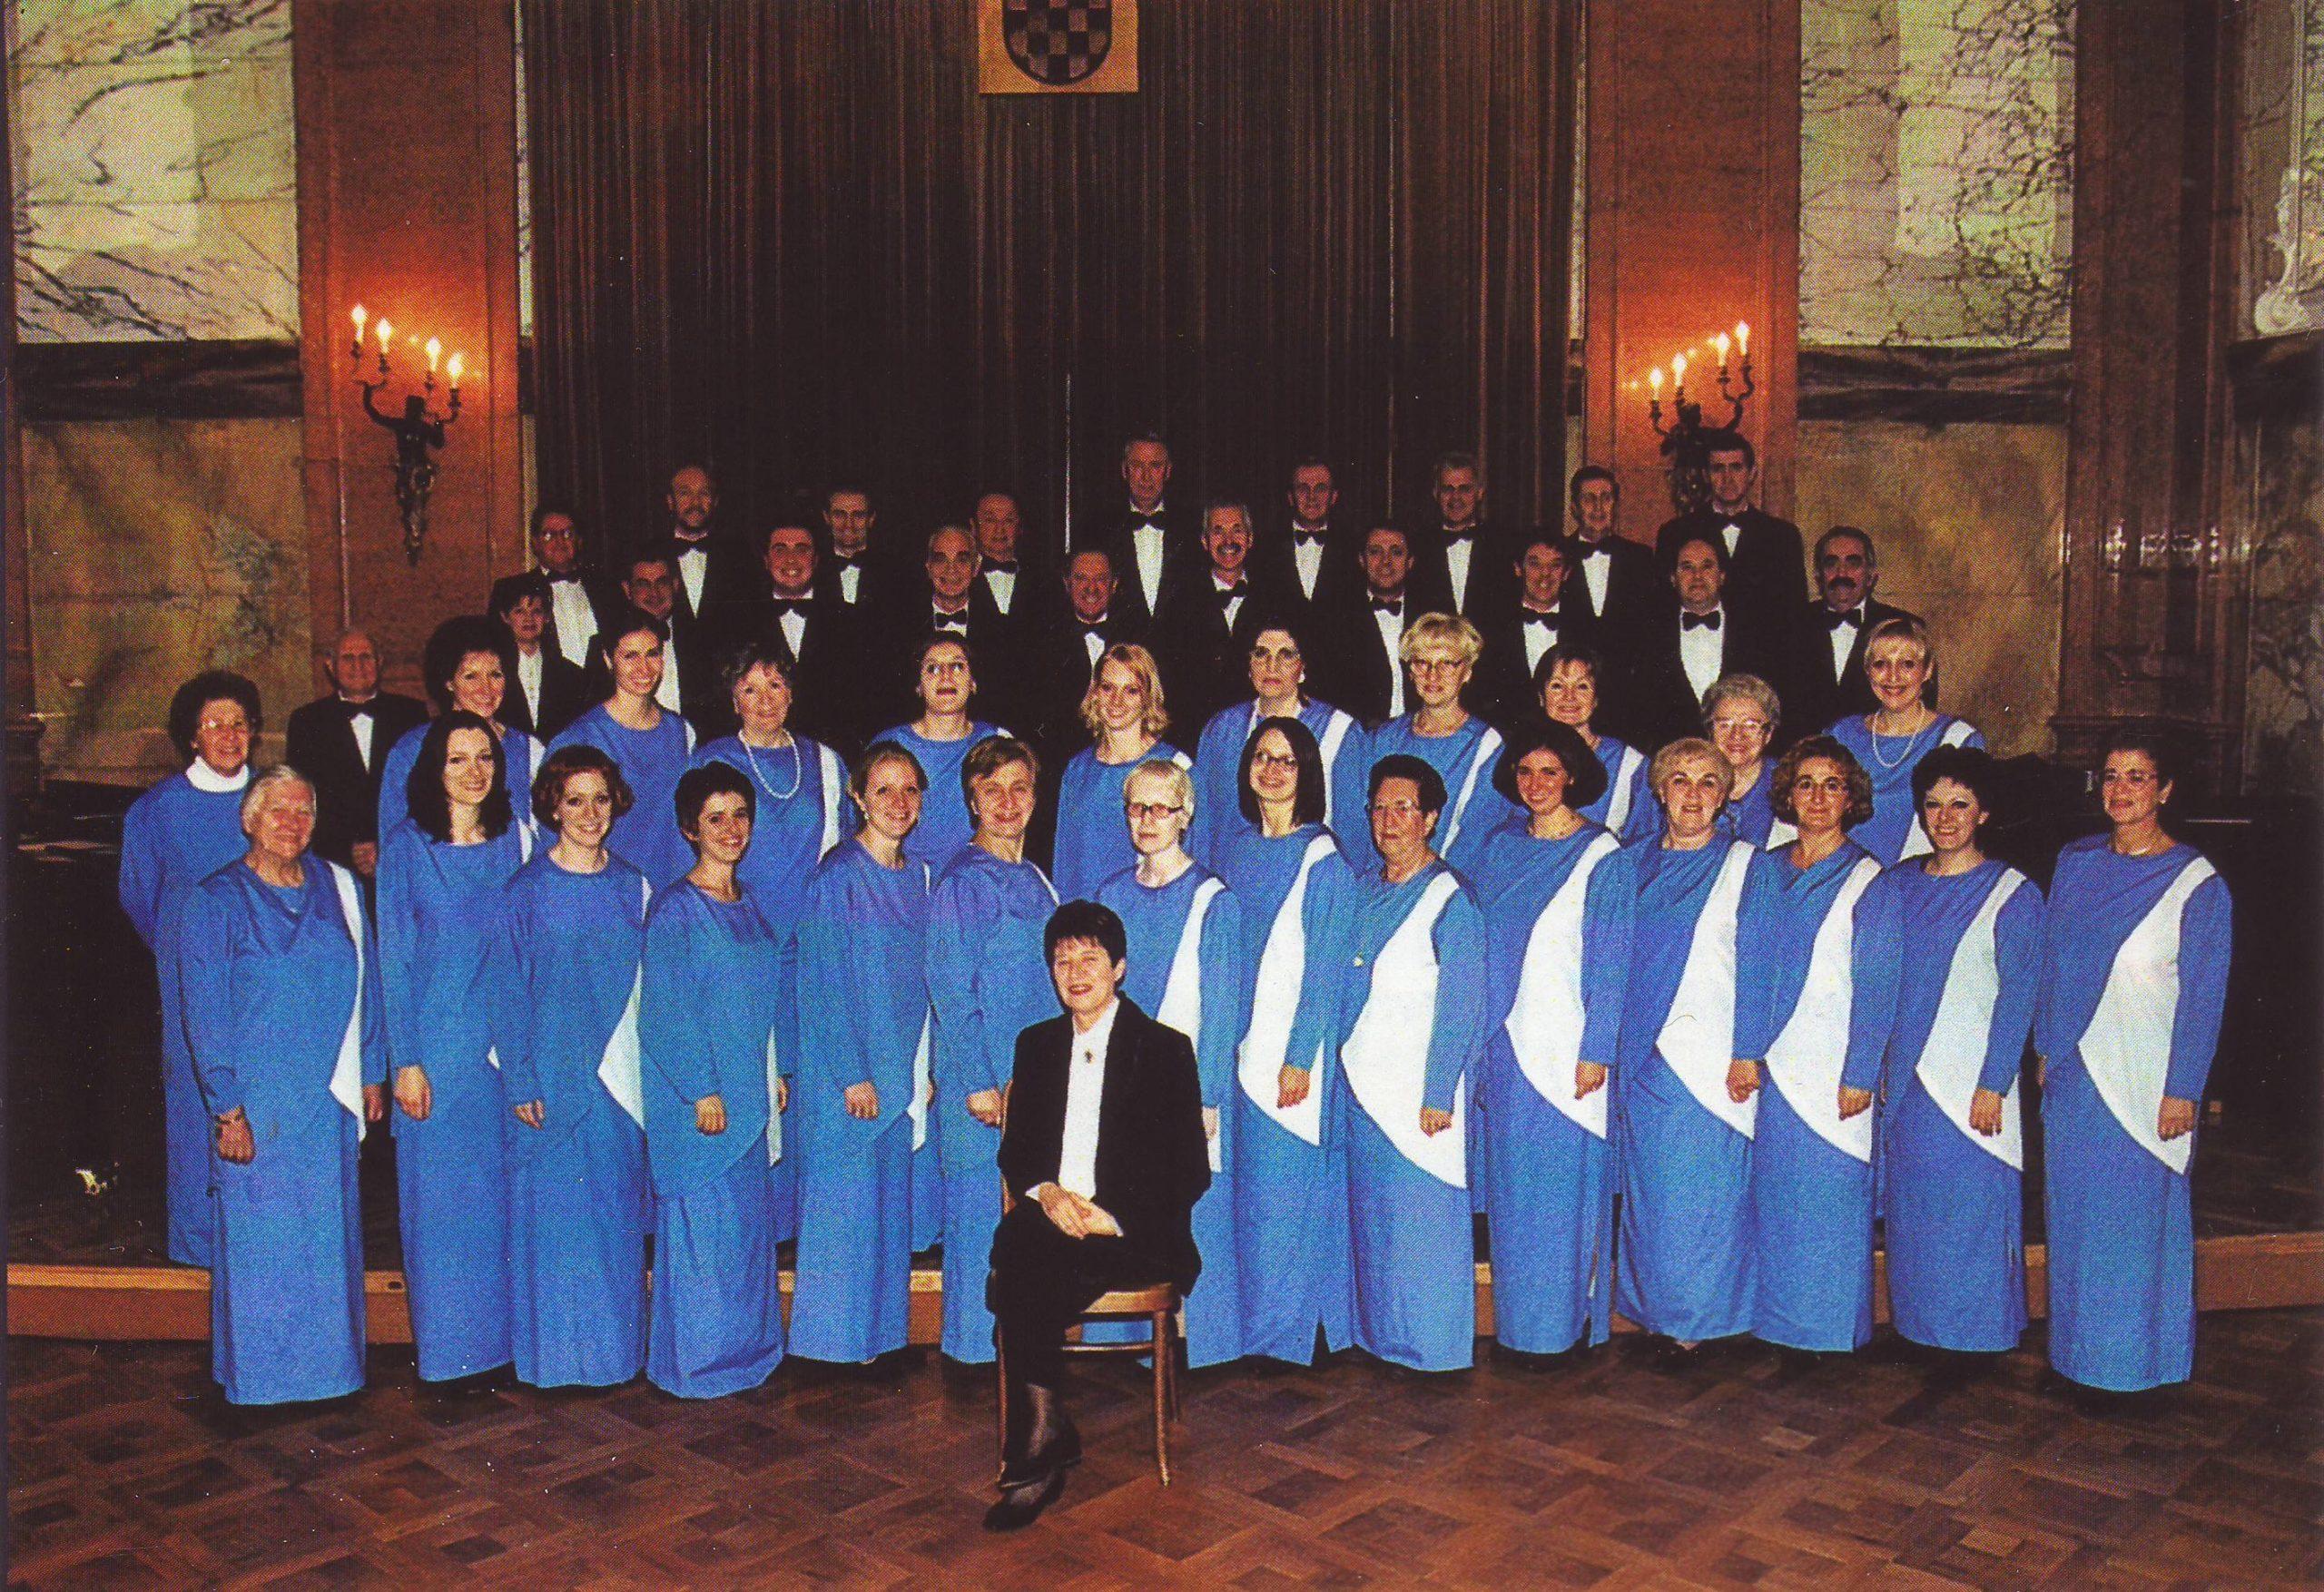 »Jeka Primorja« u Guvernerovoj palači s maestrom Aleksandrom Matić 2003.